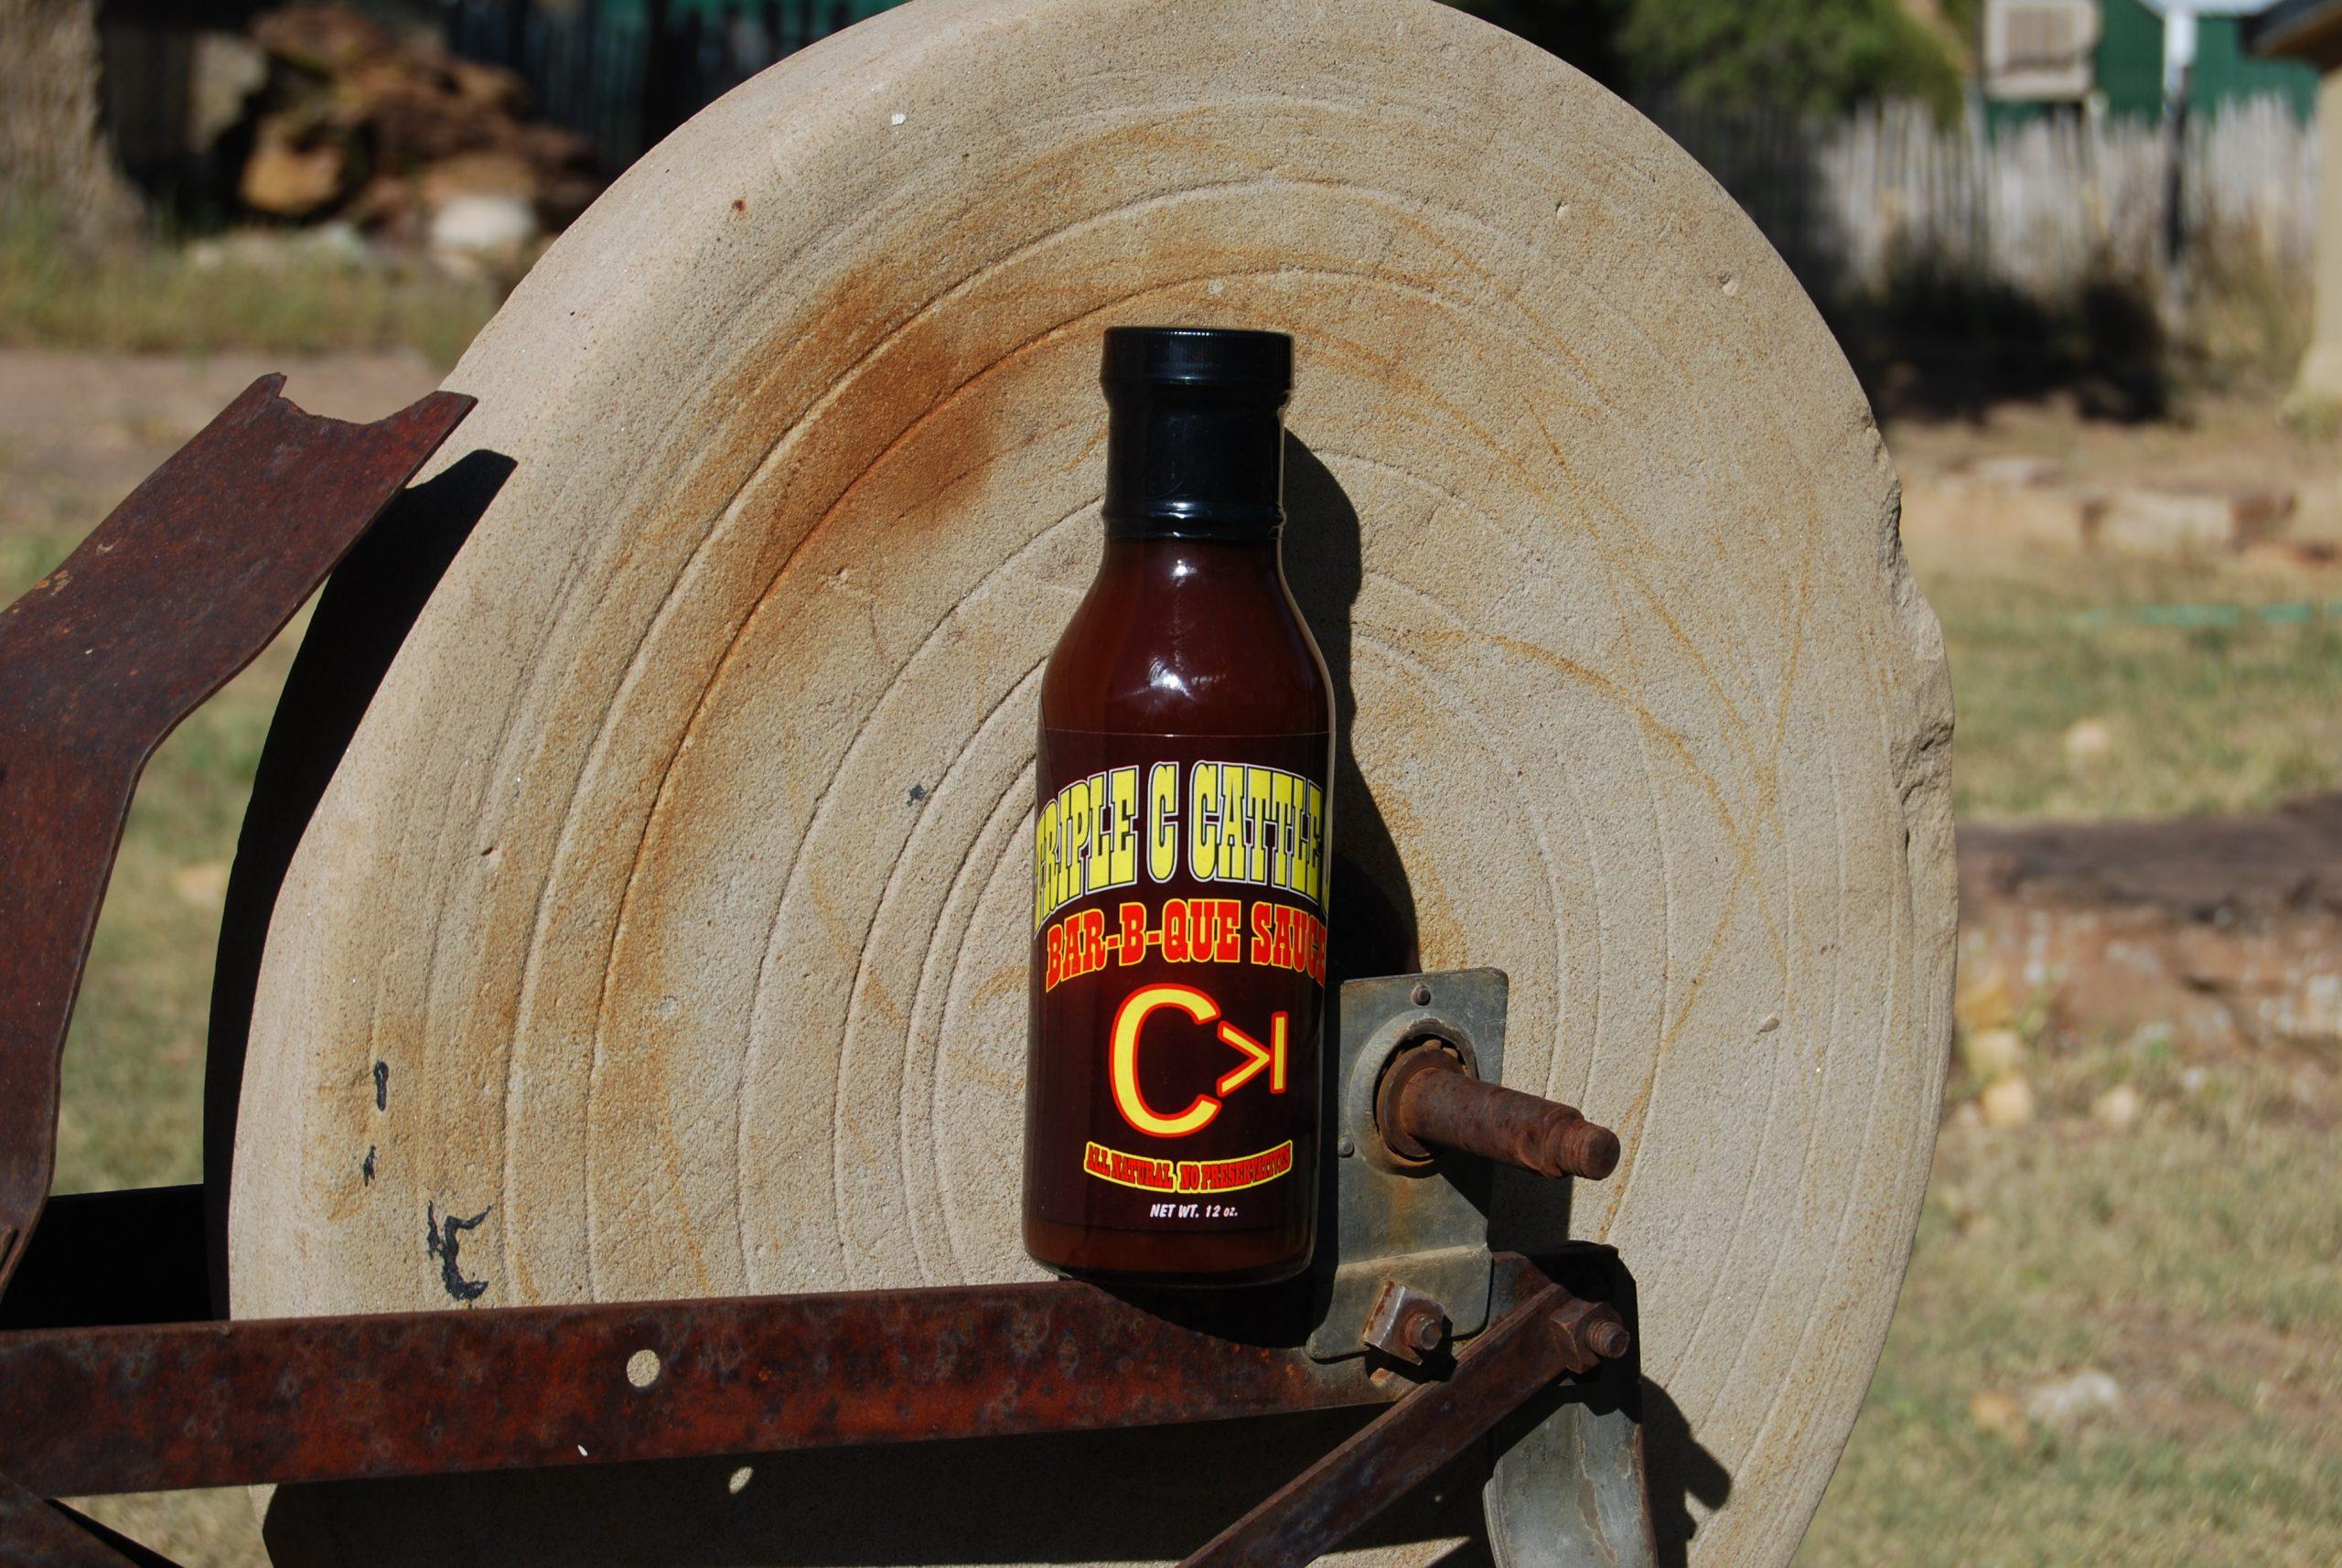 Triple C BBQ Sauce Bottle